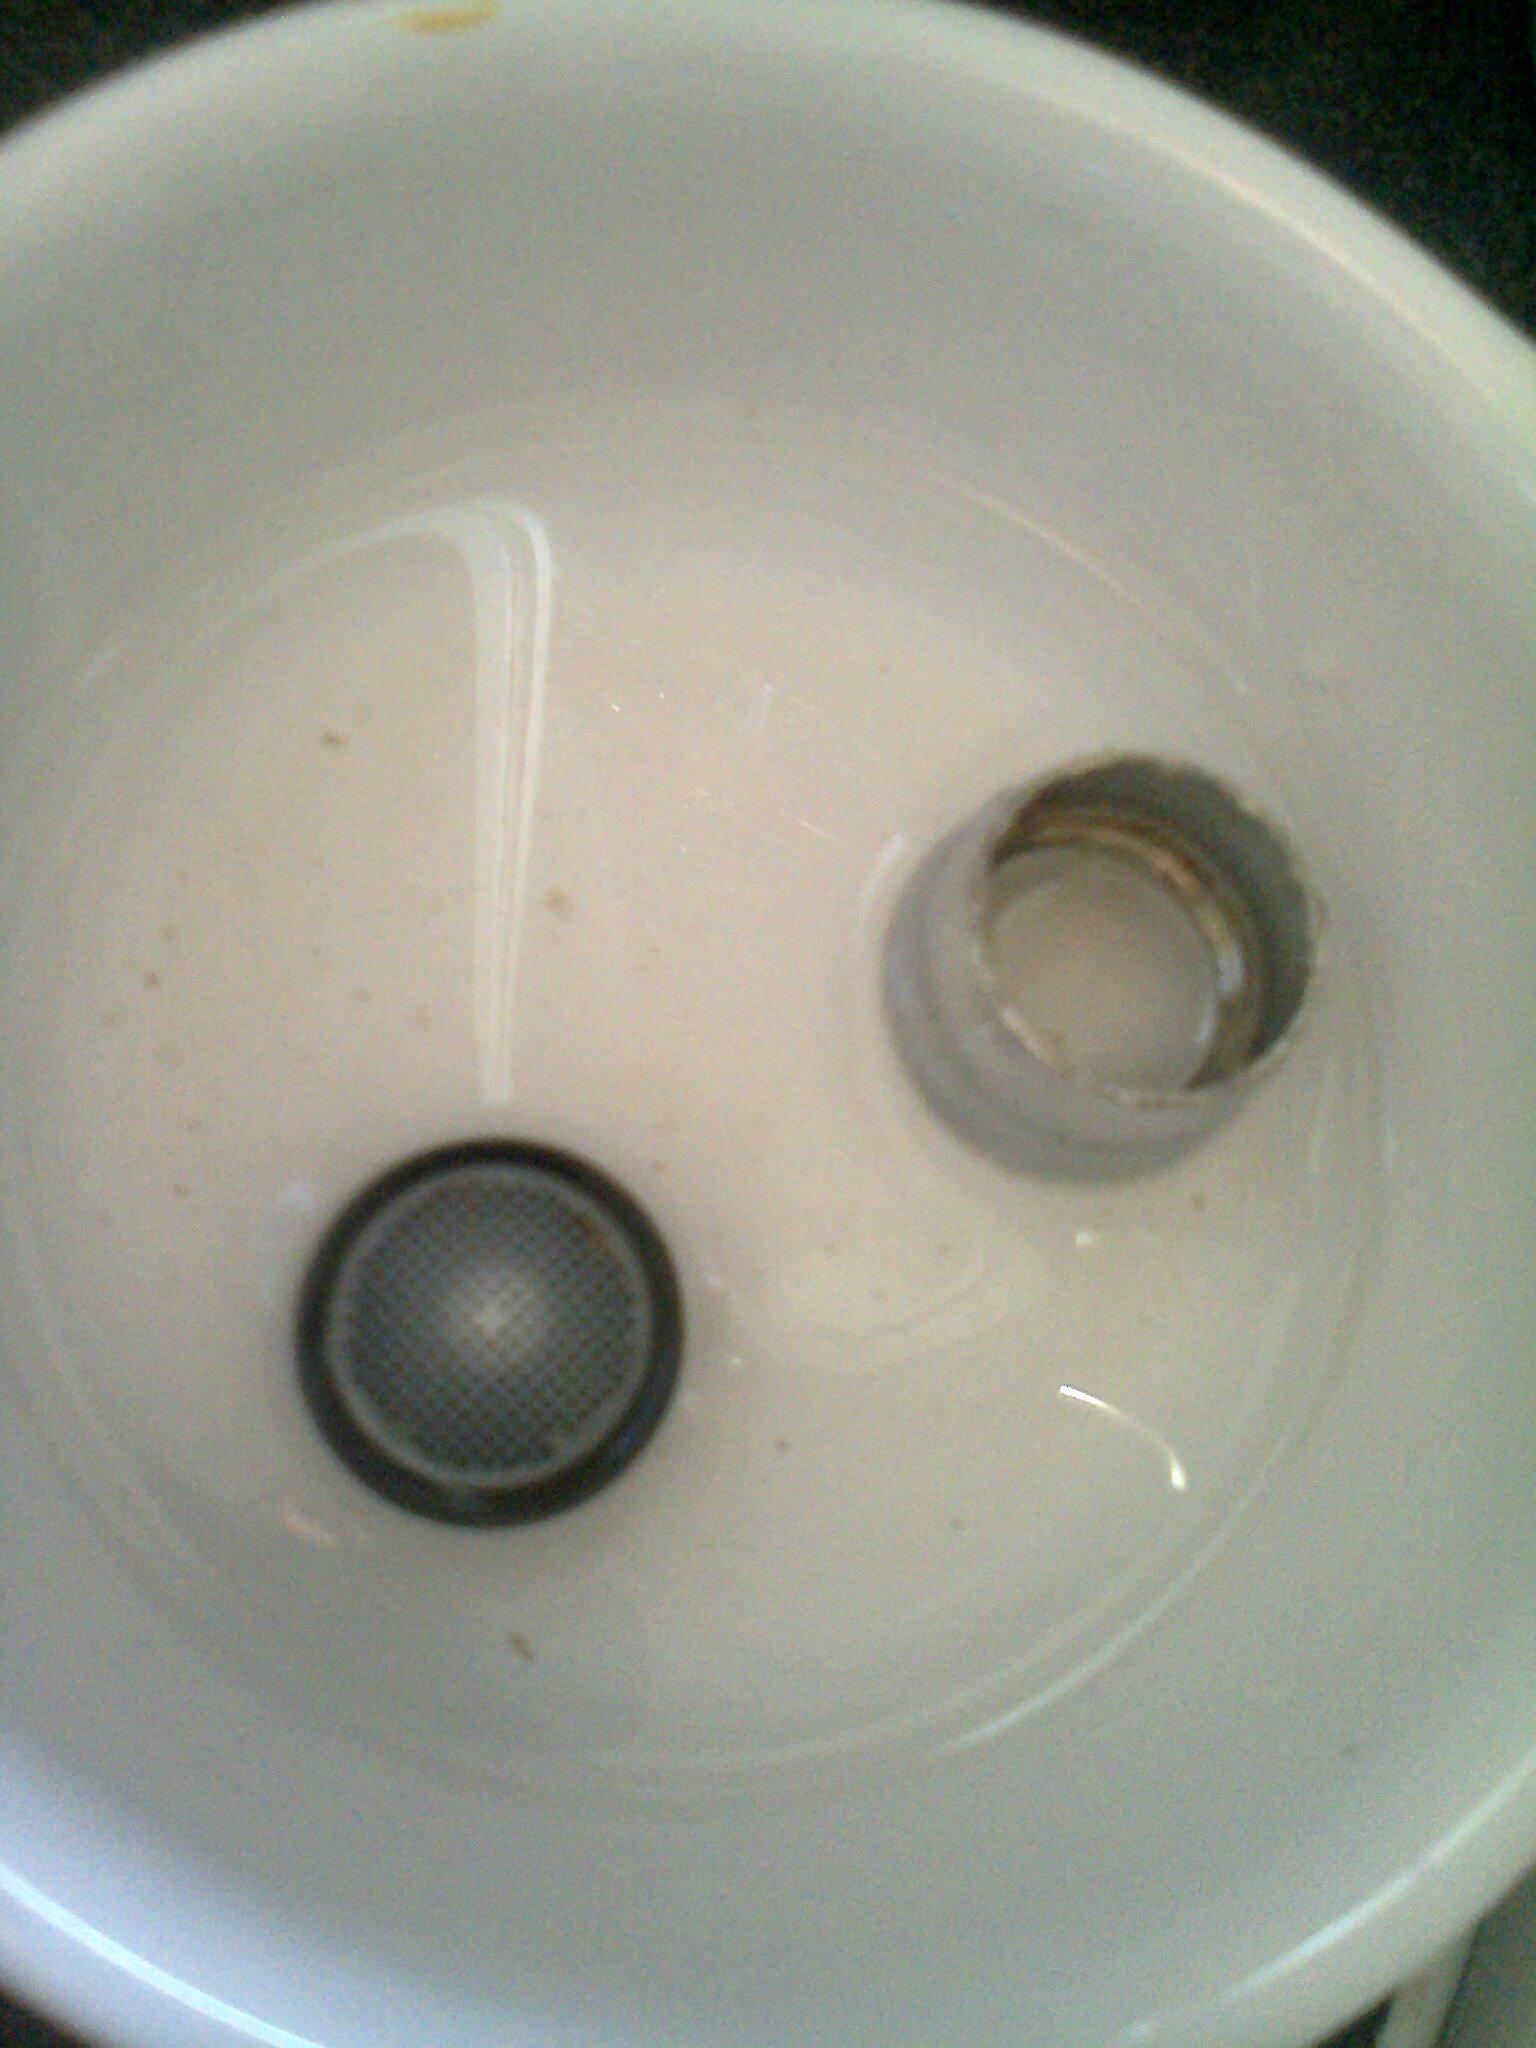 vinaigre blanc contre le calcaire des mousseurs de robinet l 39 art du tuyau. Black Bedroom Furniture Sets. Home Design Ideas